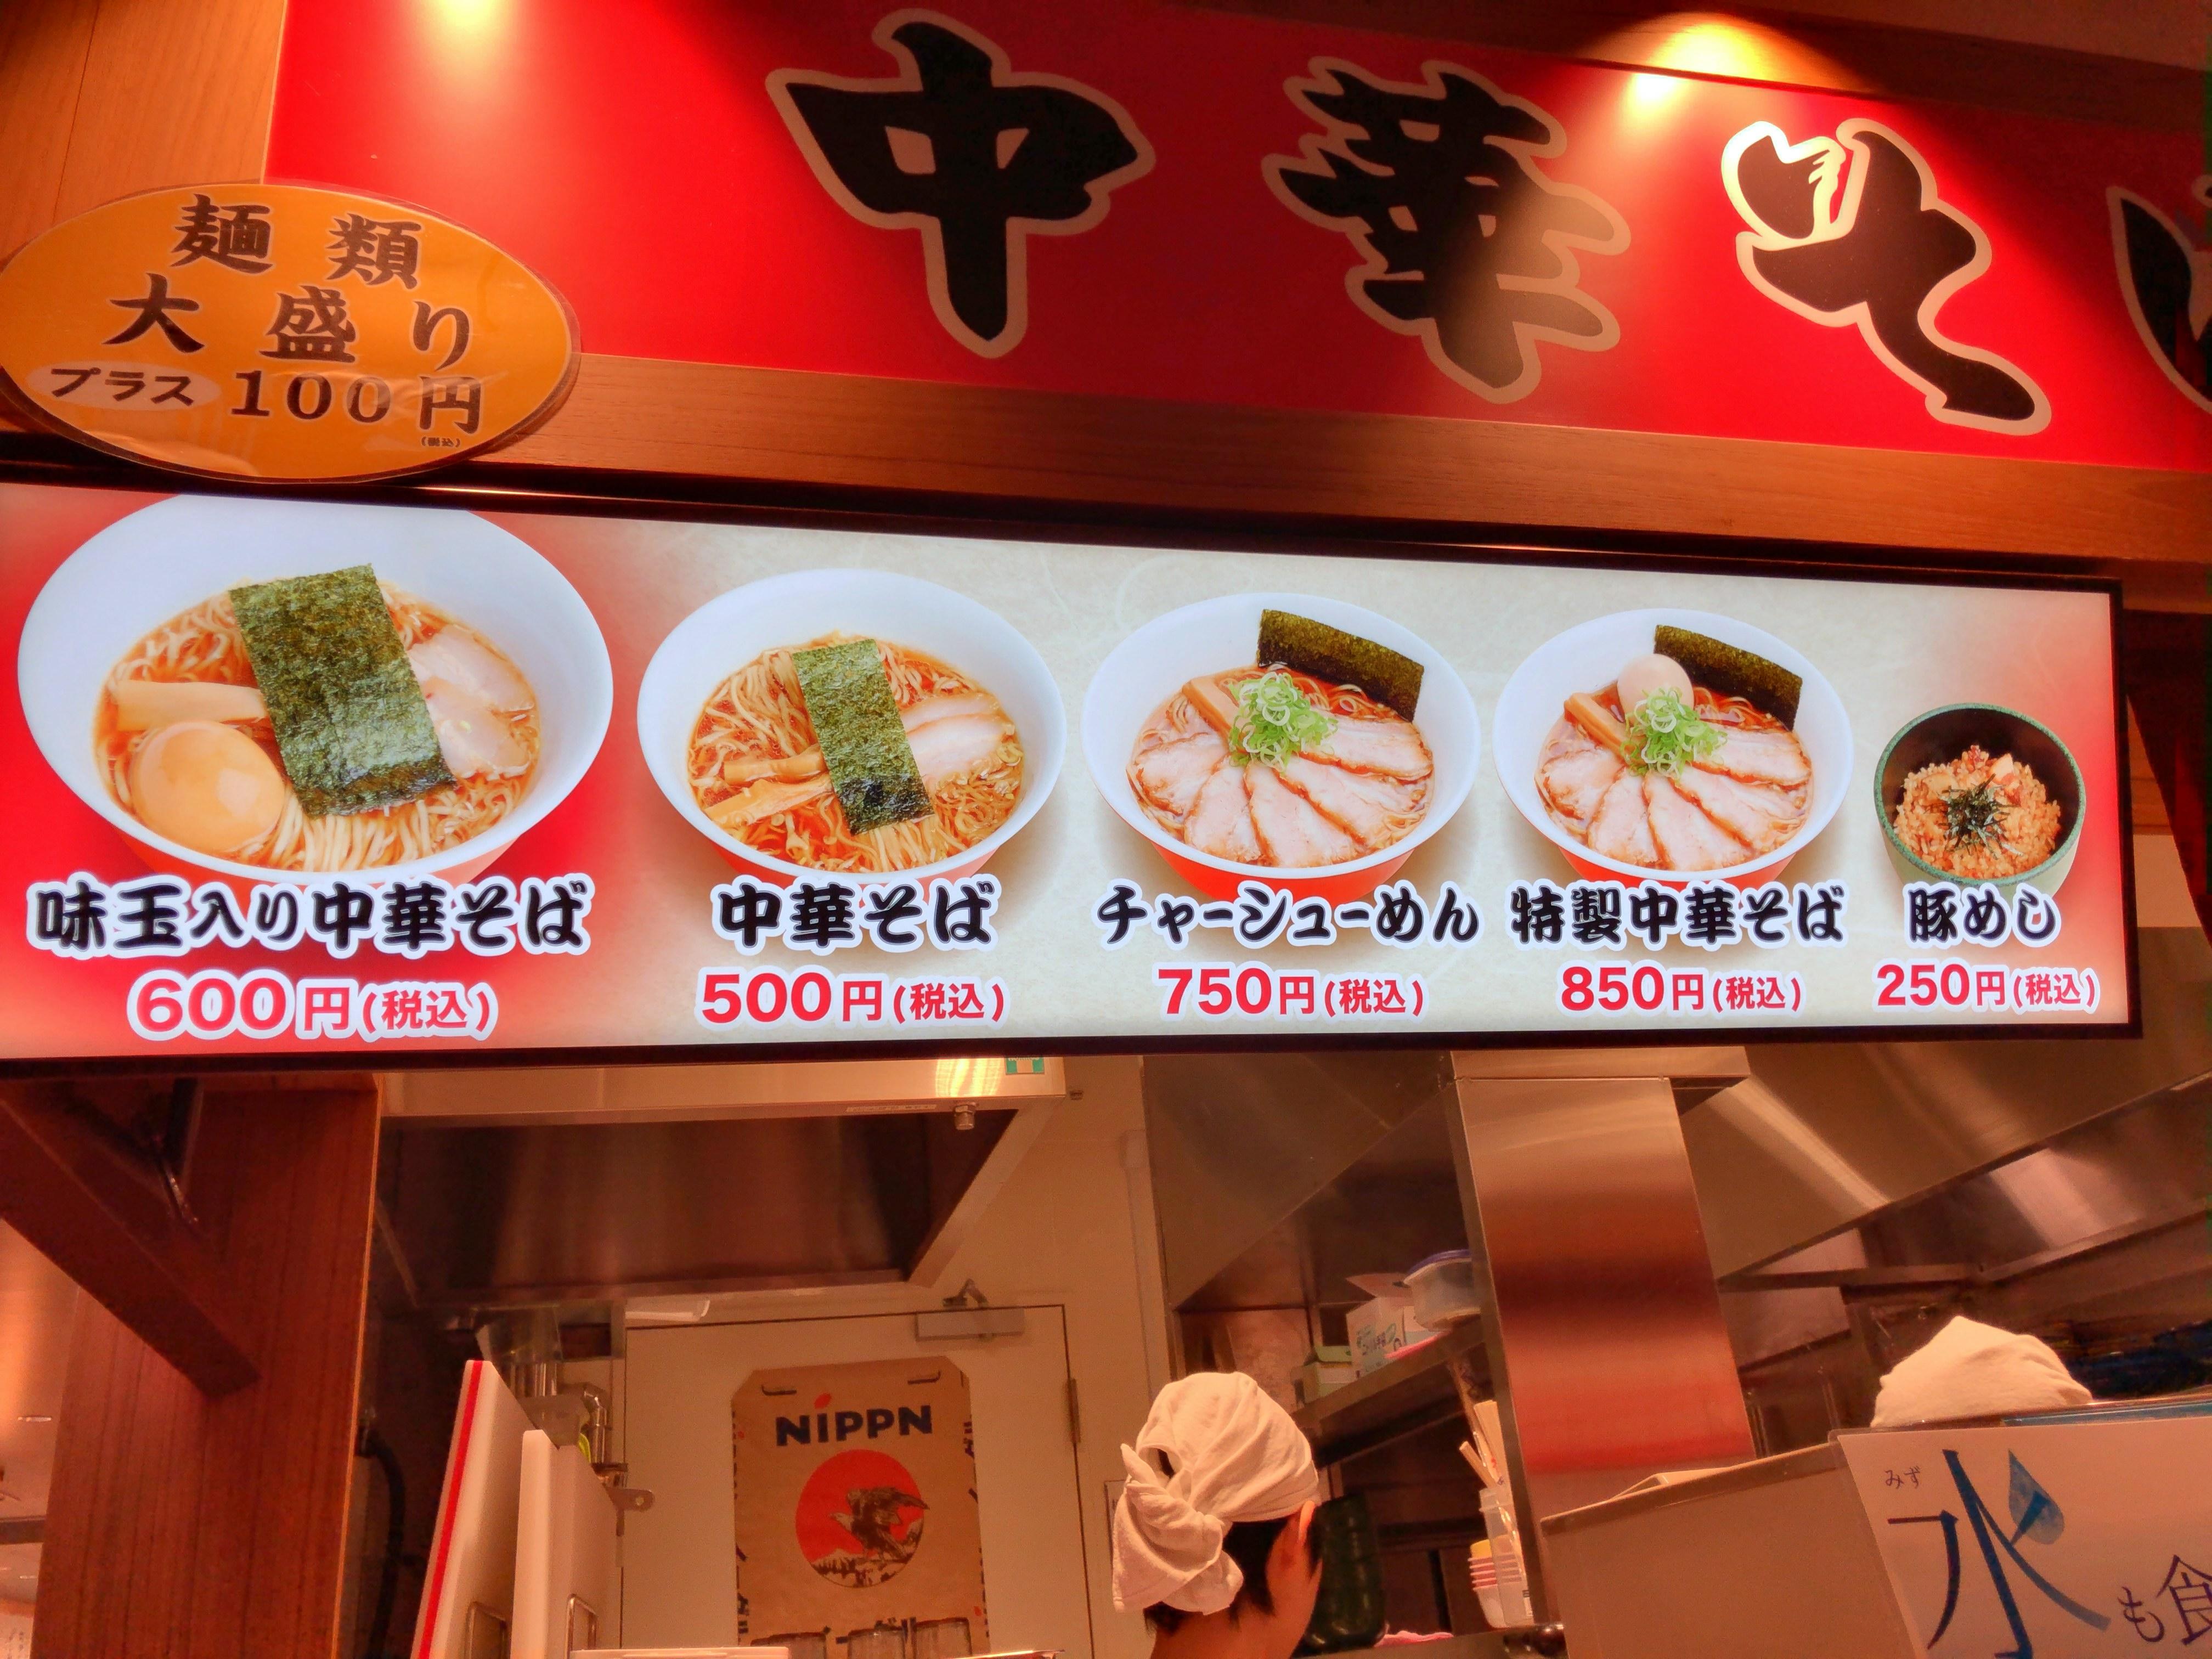 kadoyasyokudou-menu